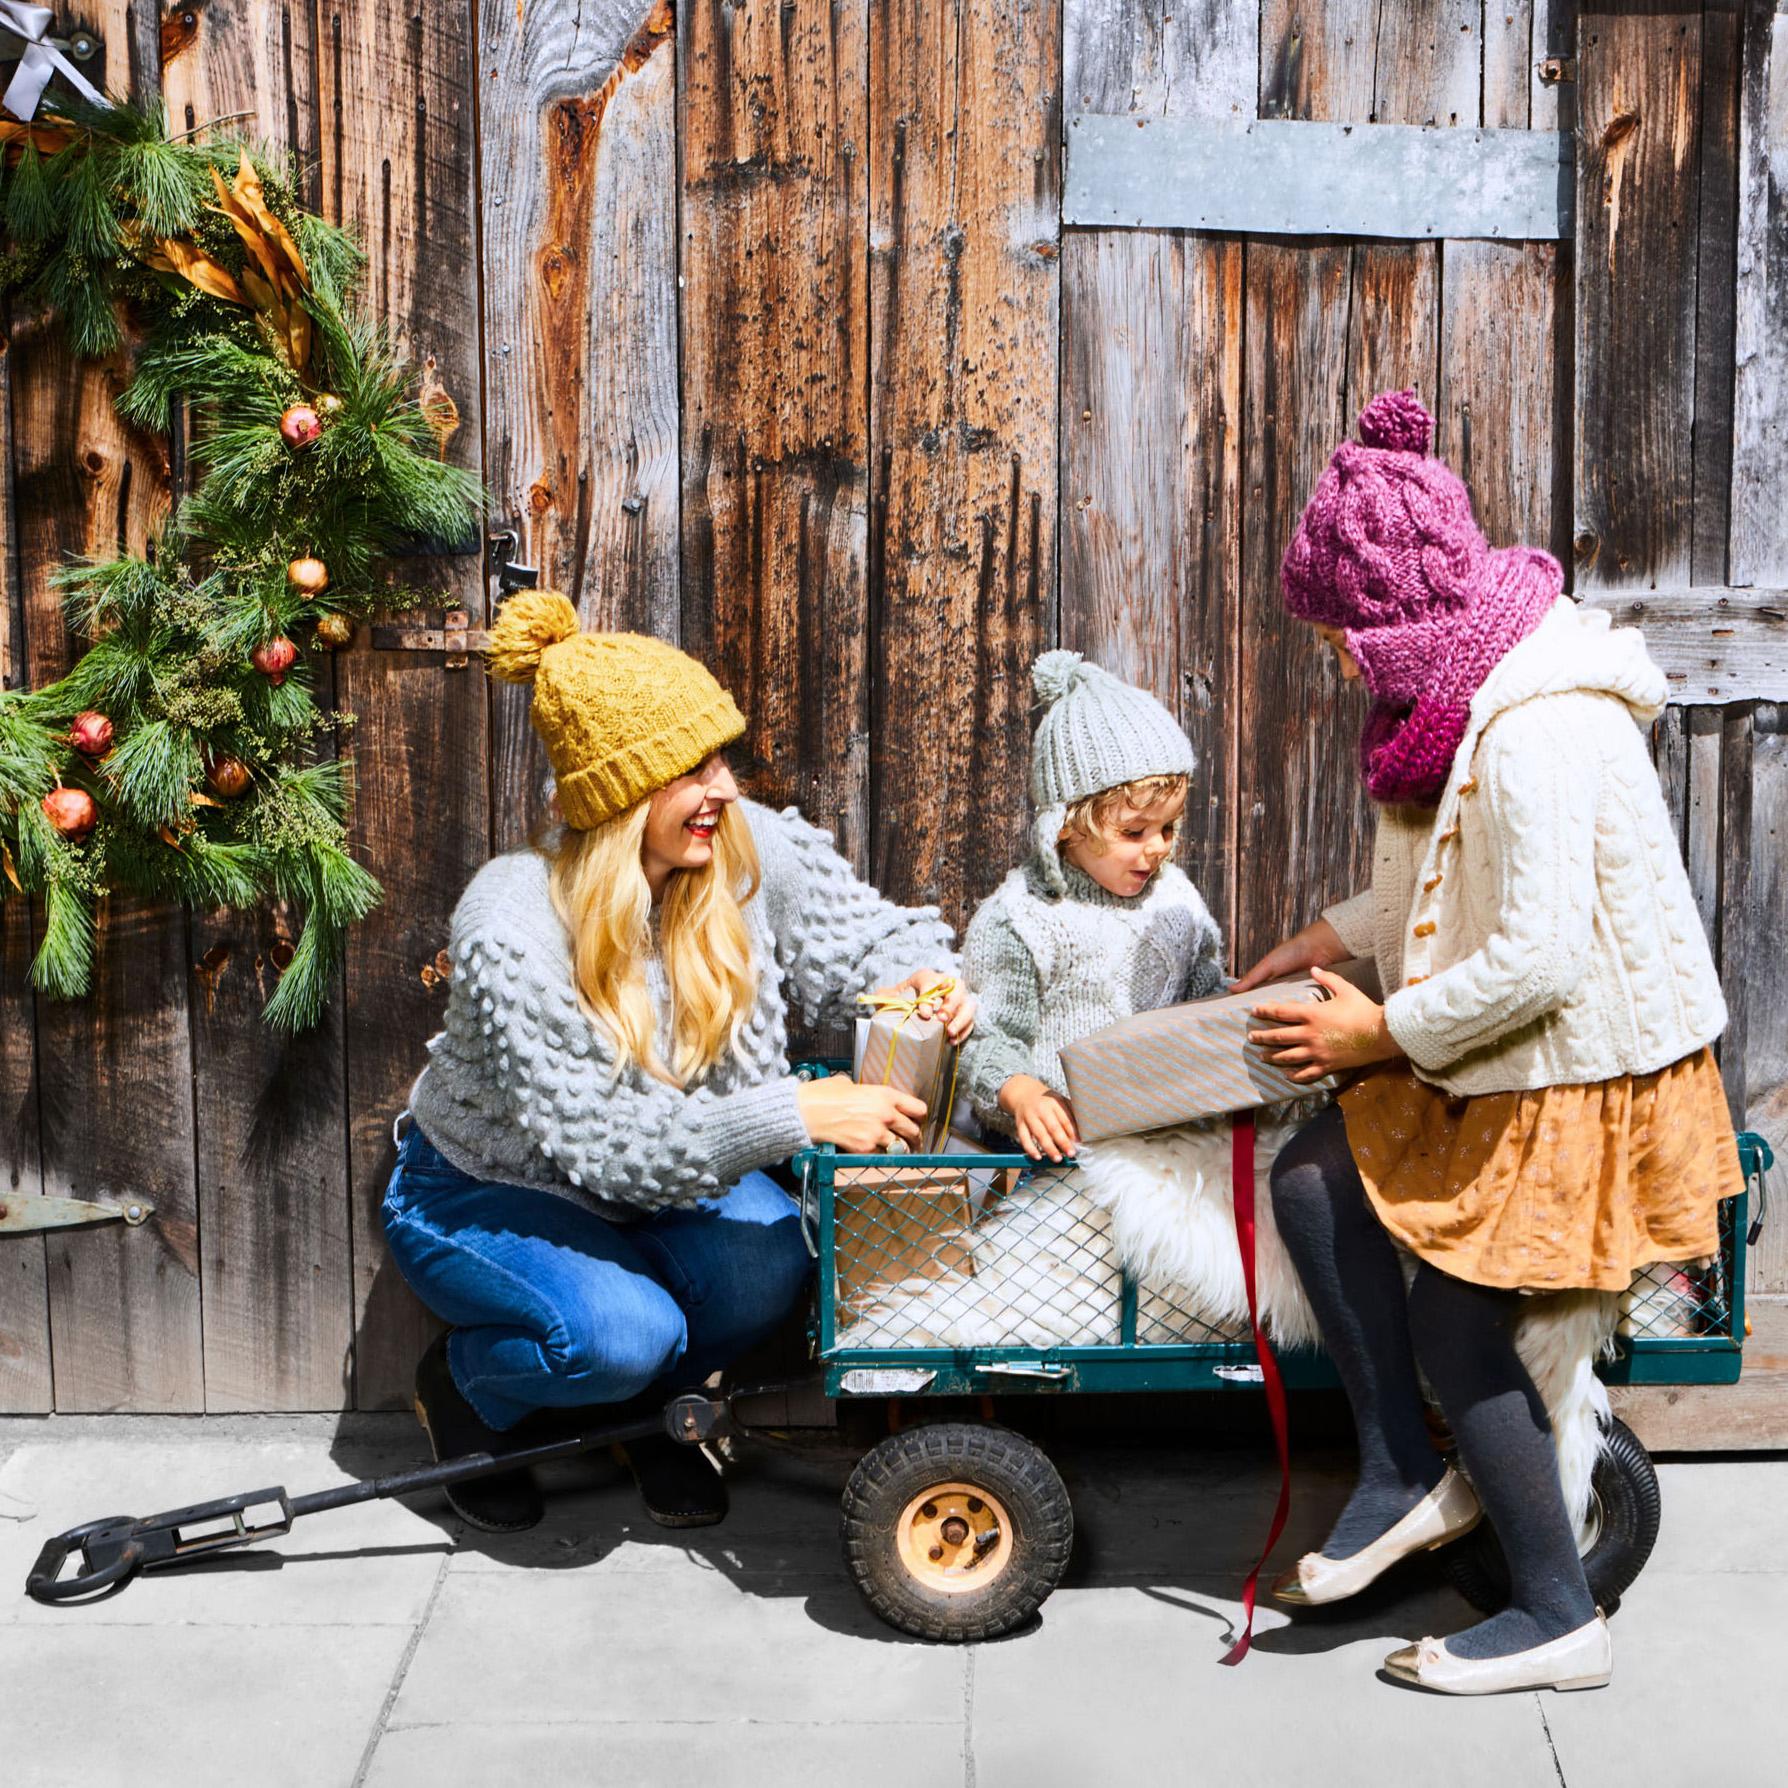 mom kids wagon with neighbor gifts